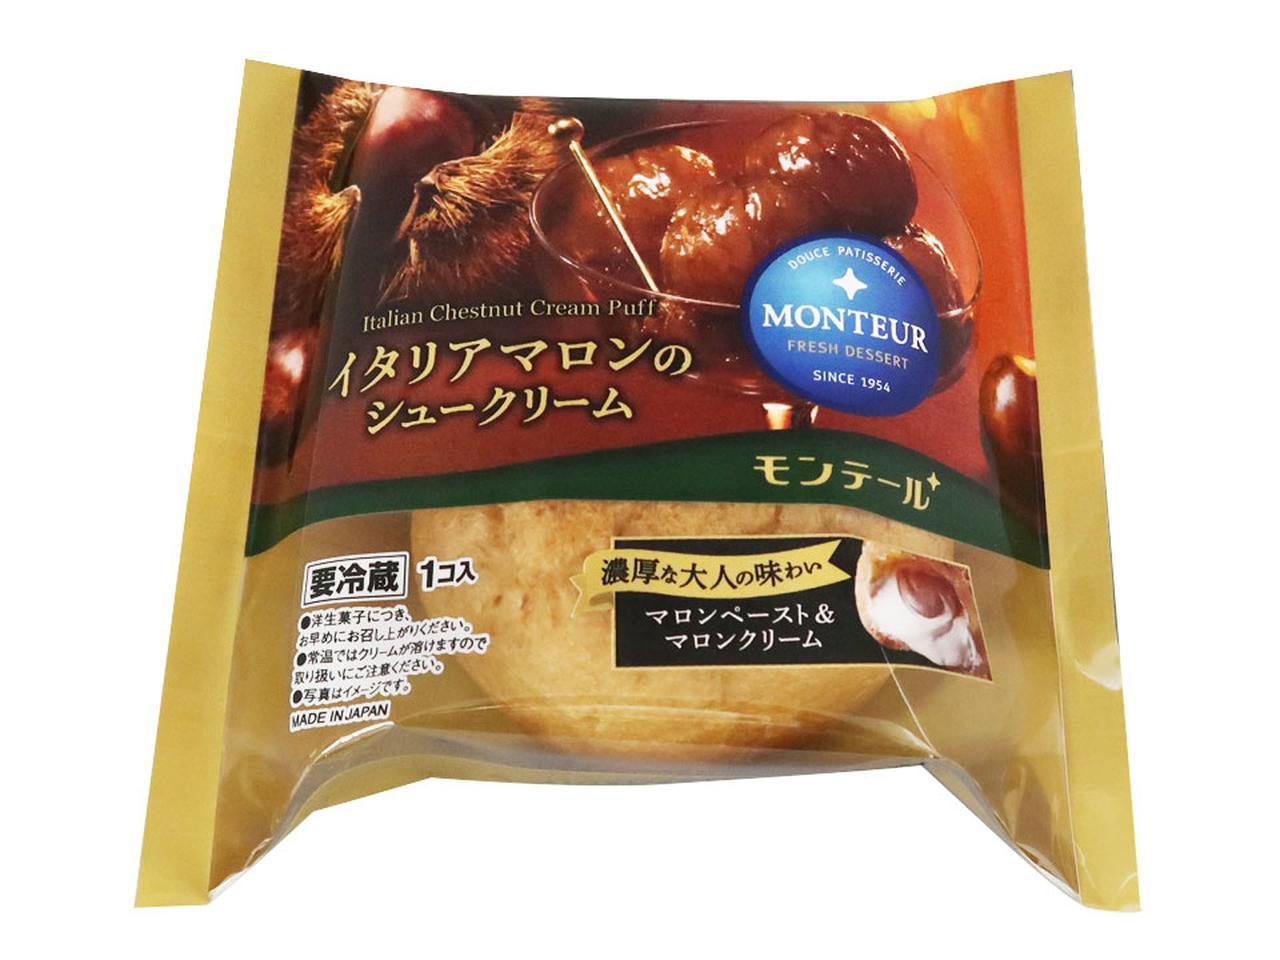 画像1: www.monteur.co.jp